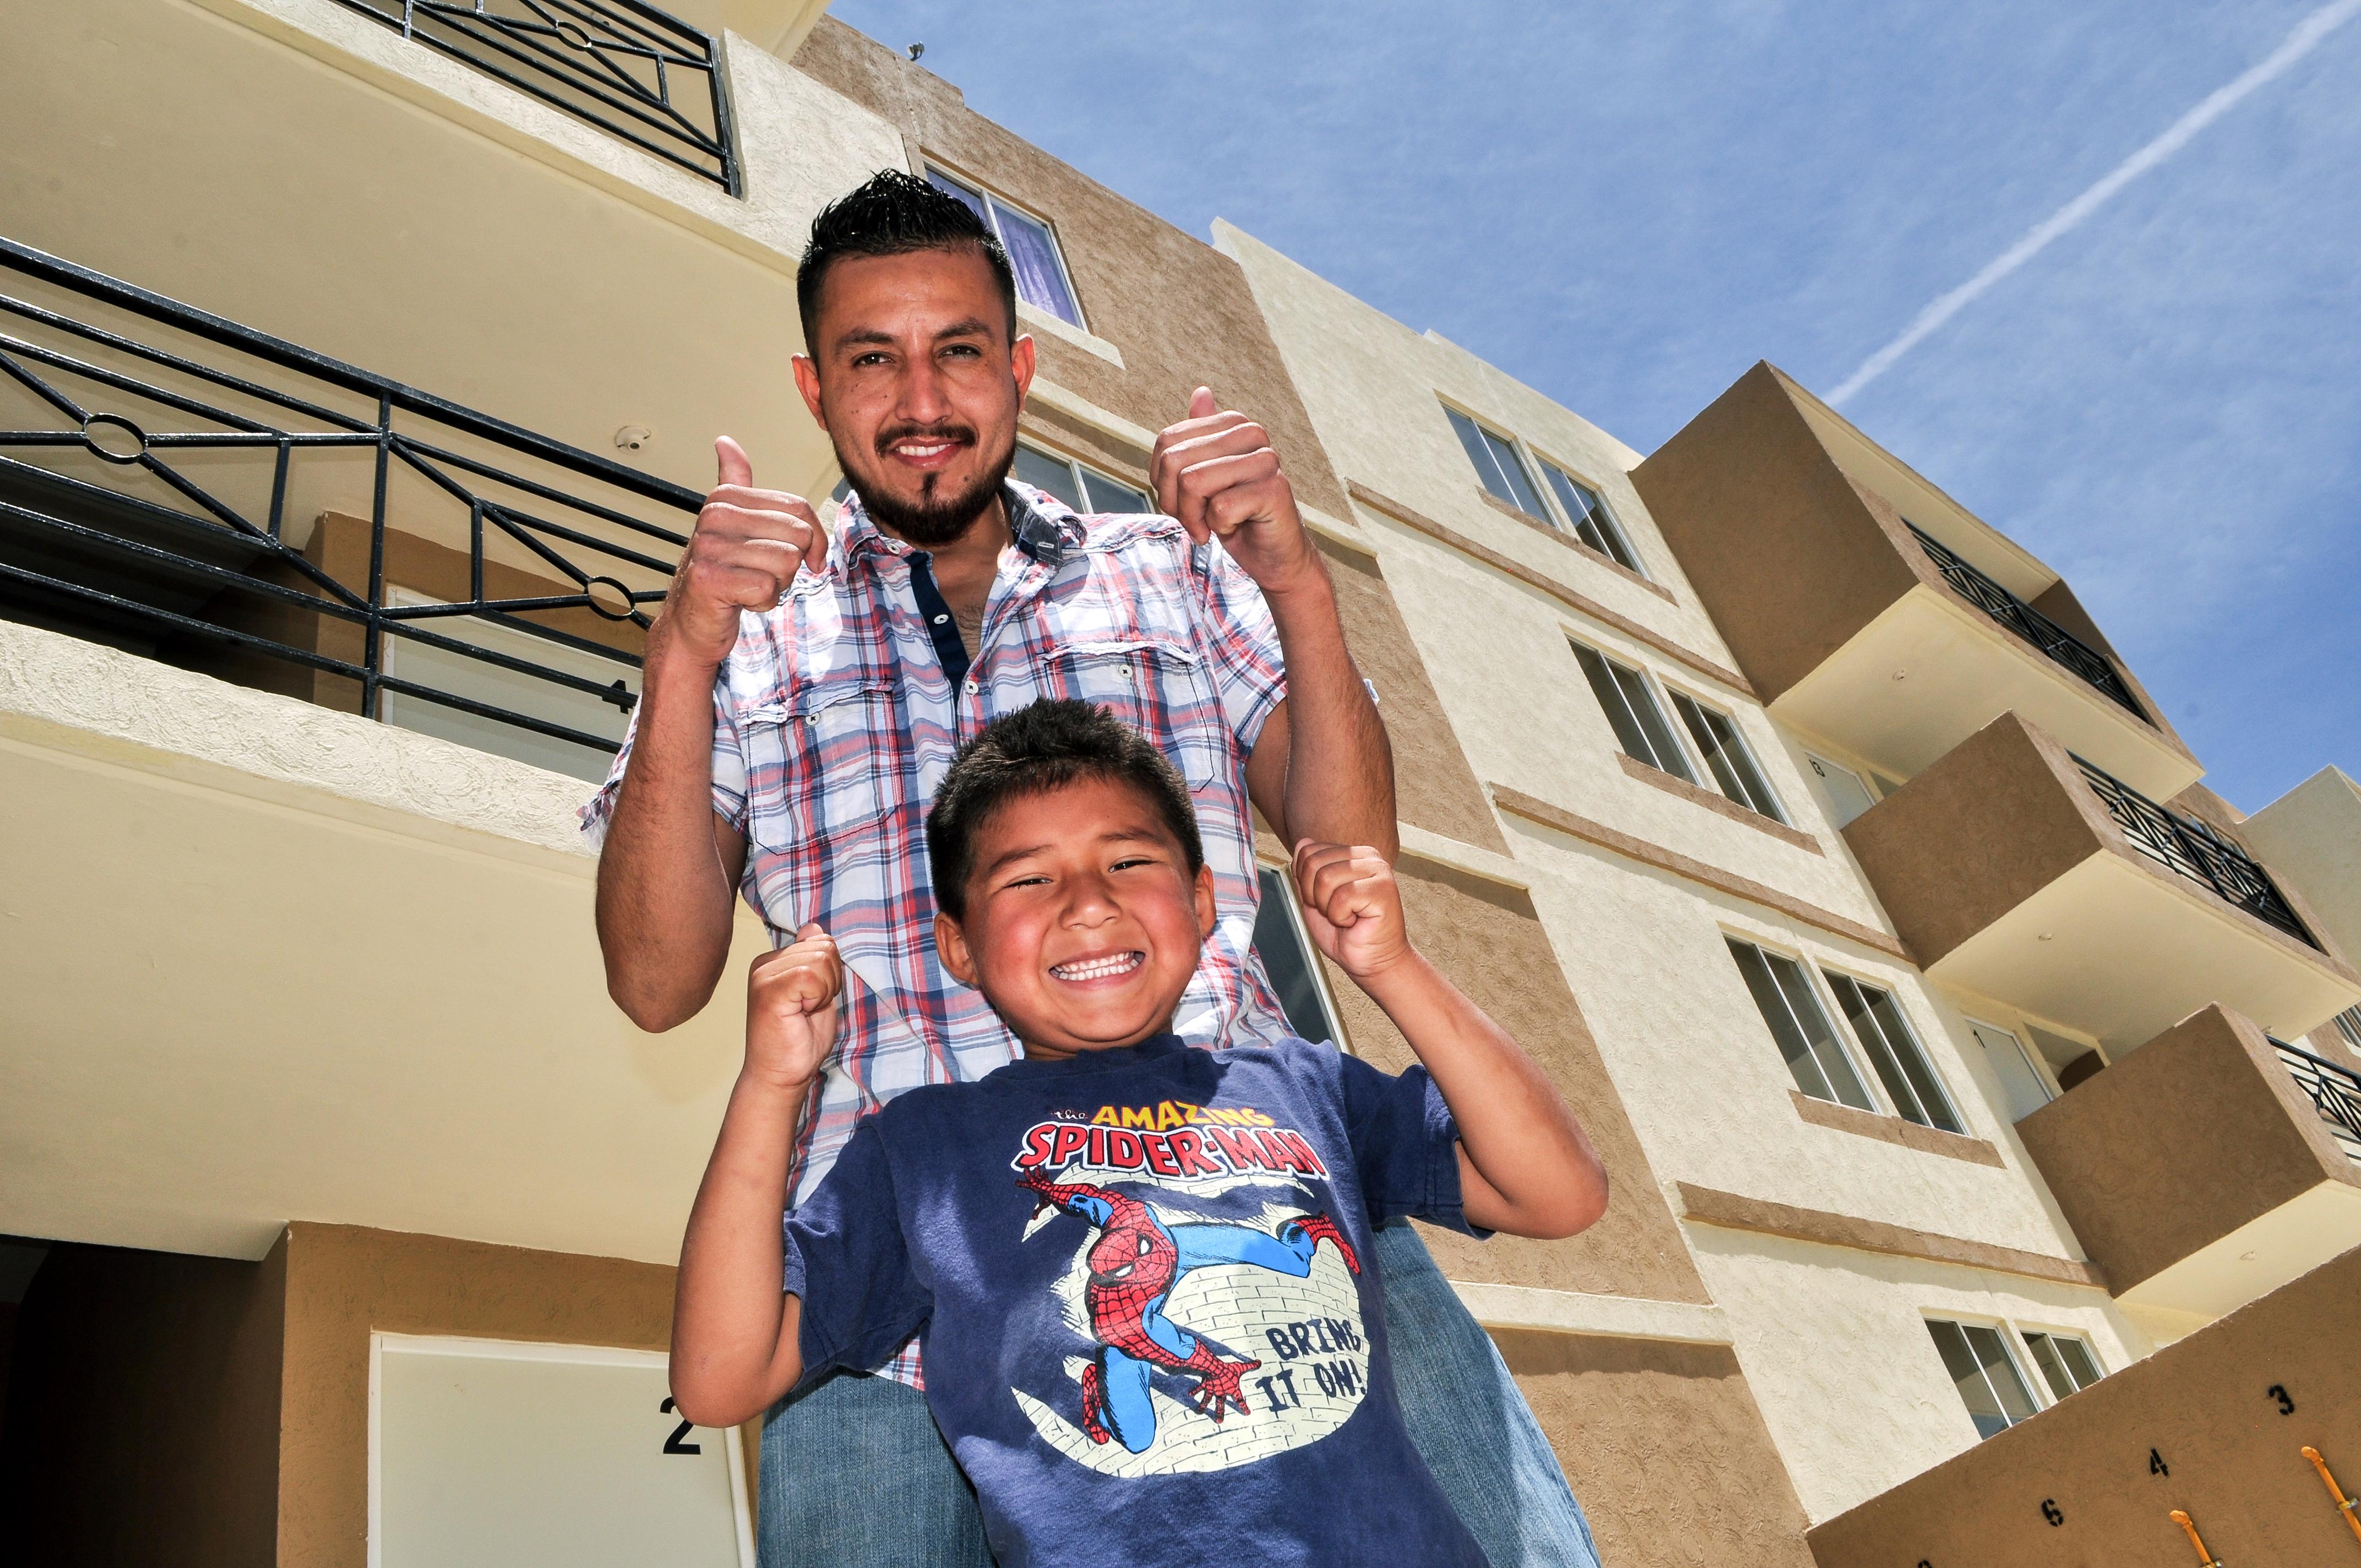 Afiliados al Infonavit de más bajos ingresos podrán obtener un subsidio más alto para comprar una vivienda nueva